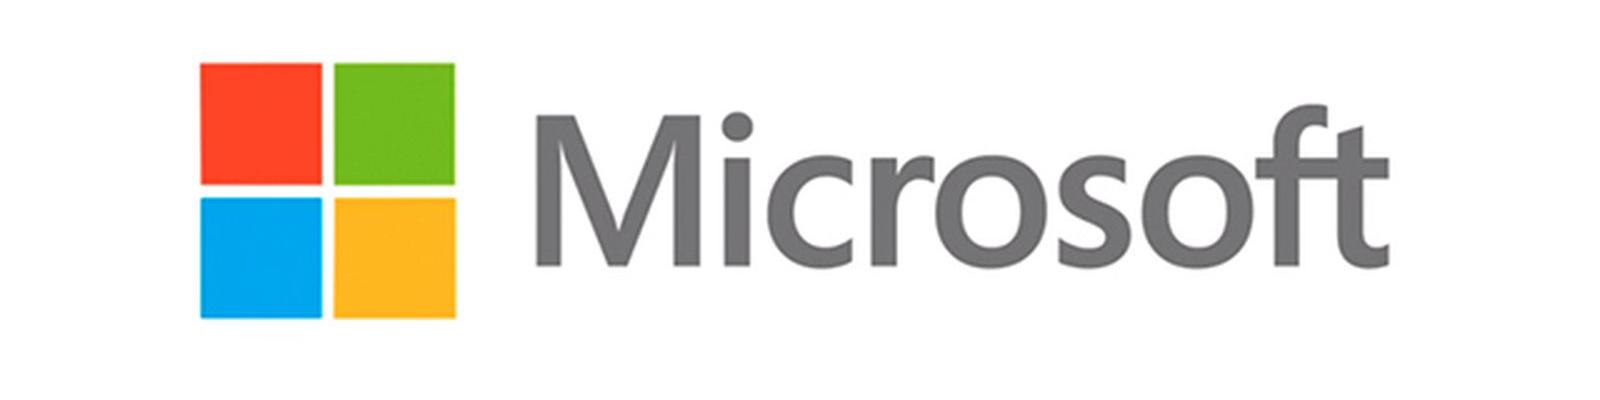 Microsoft-logo_web